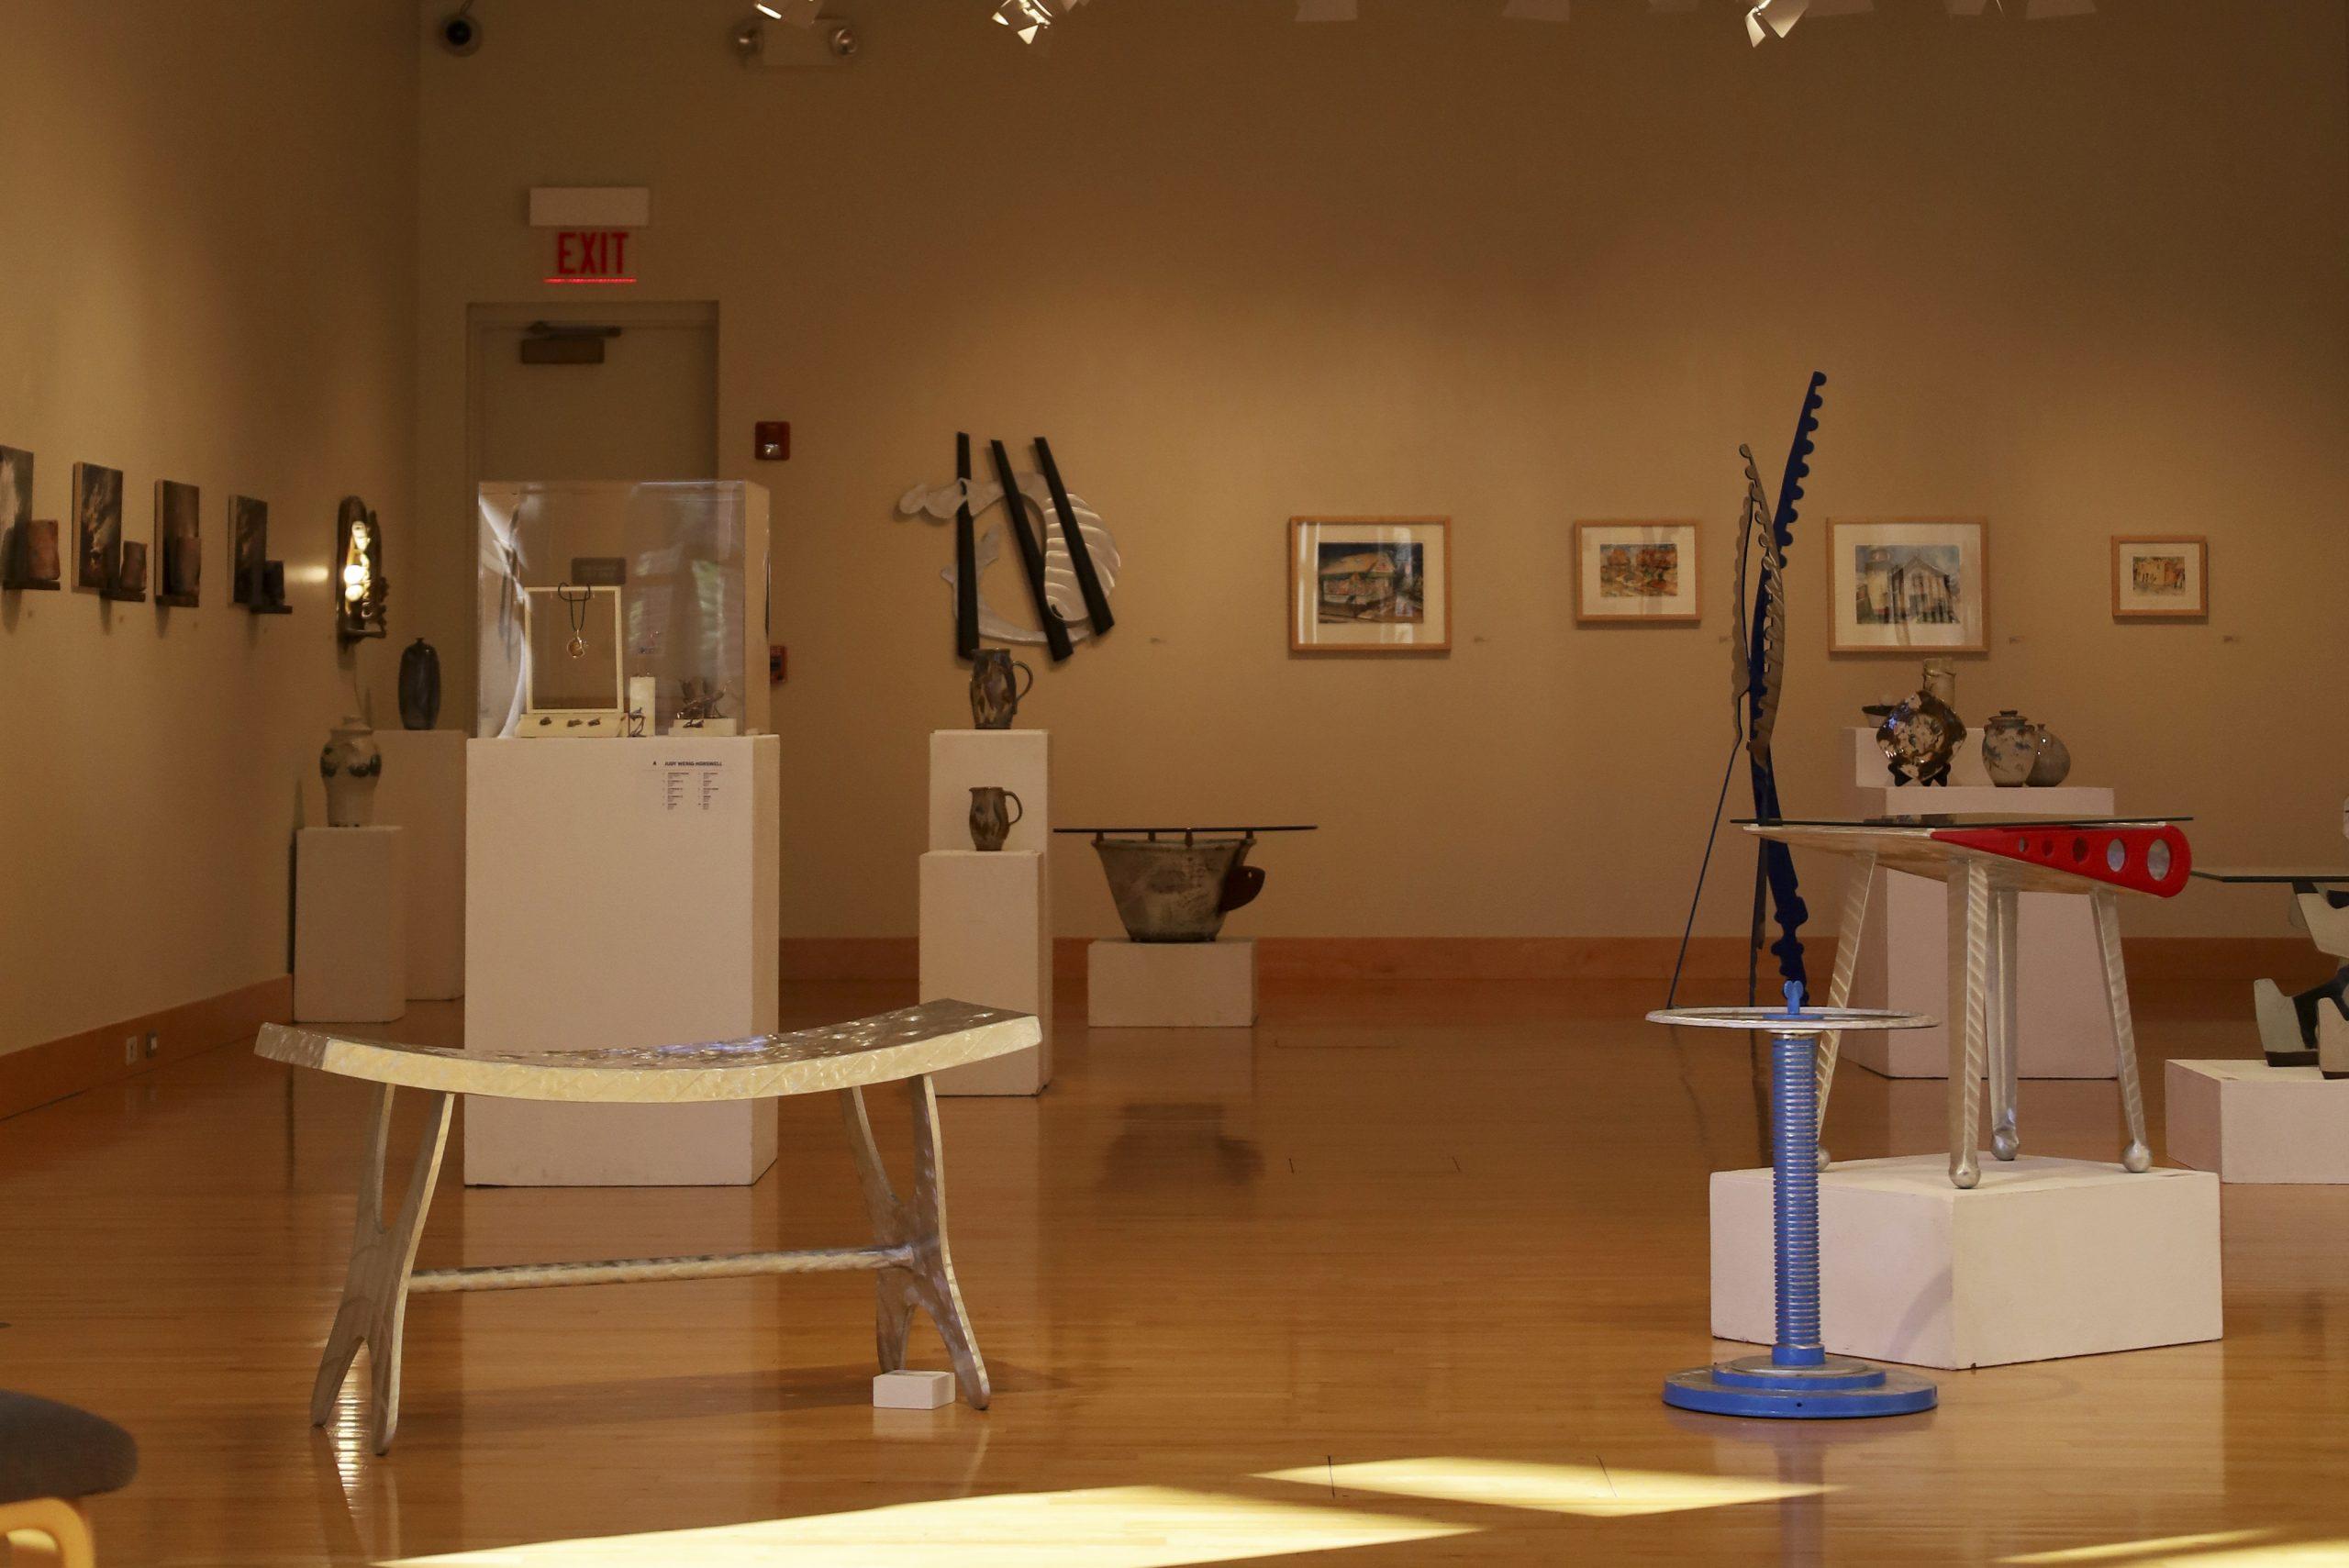 Faculty art exhibit